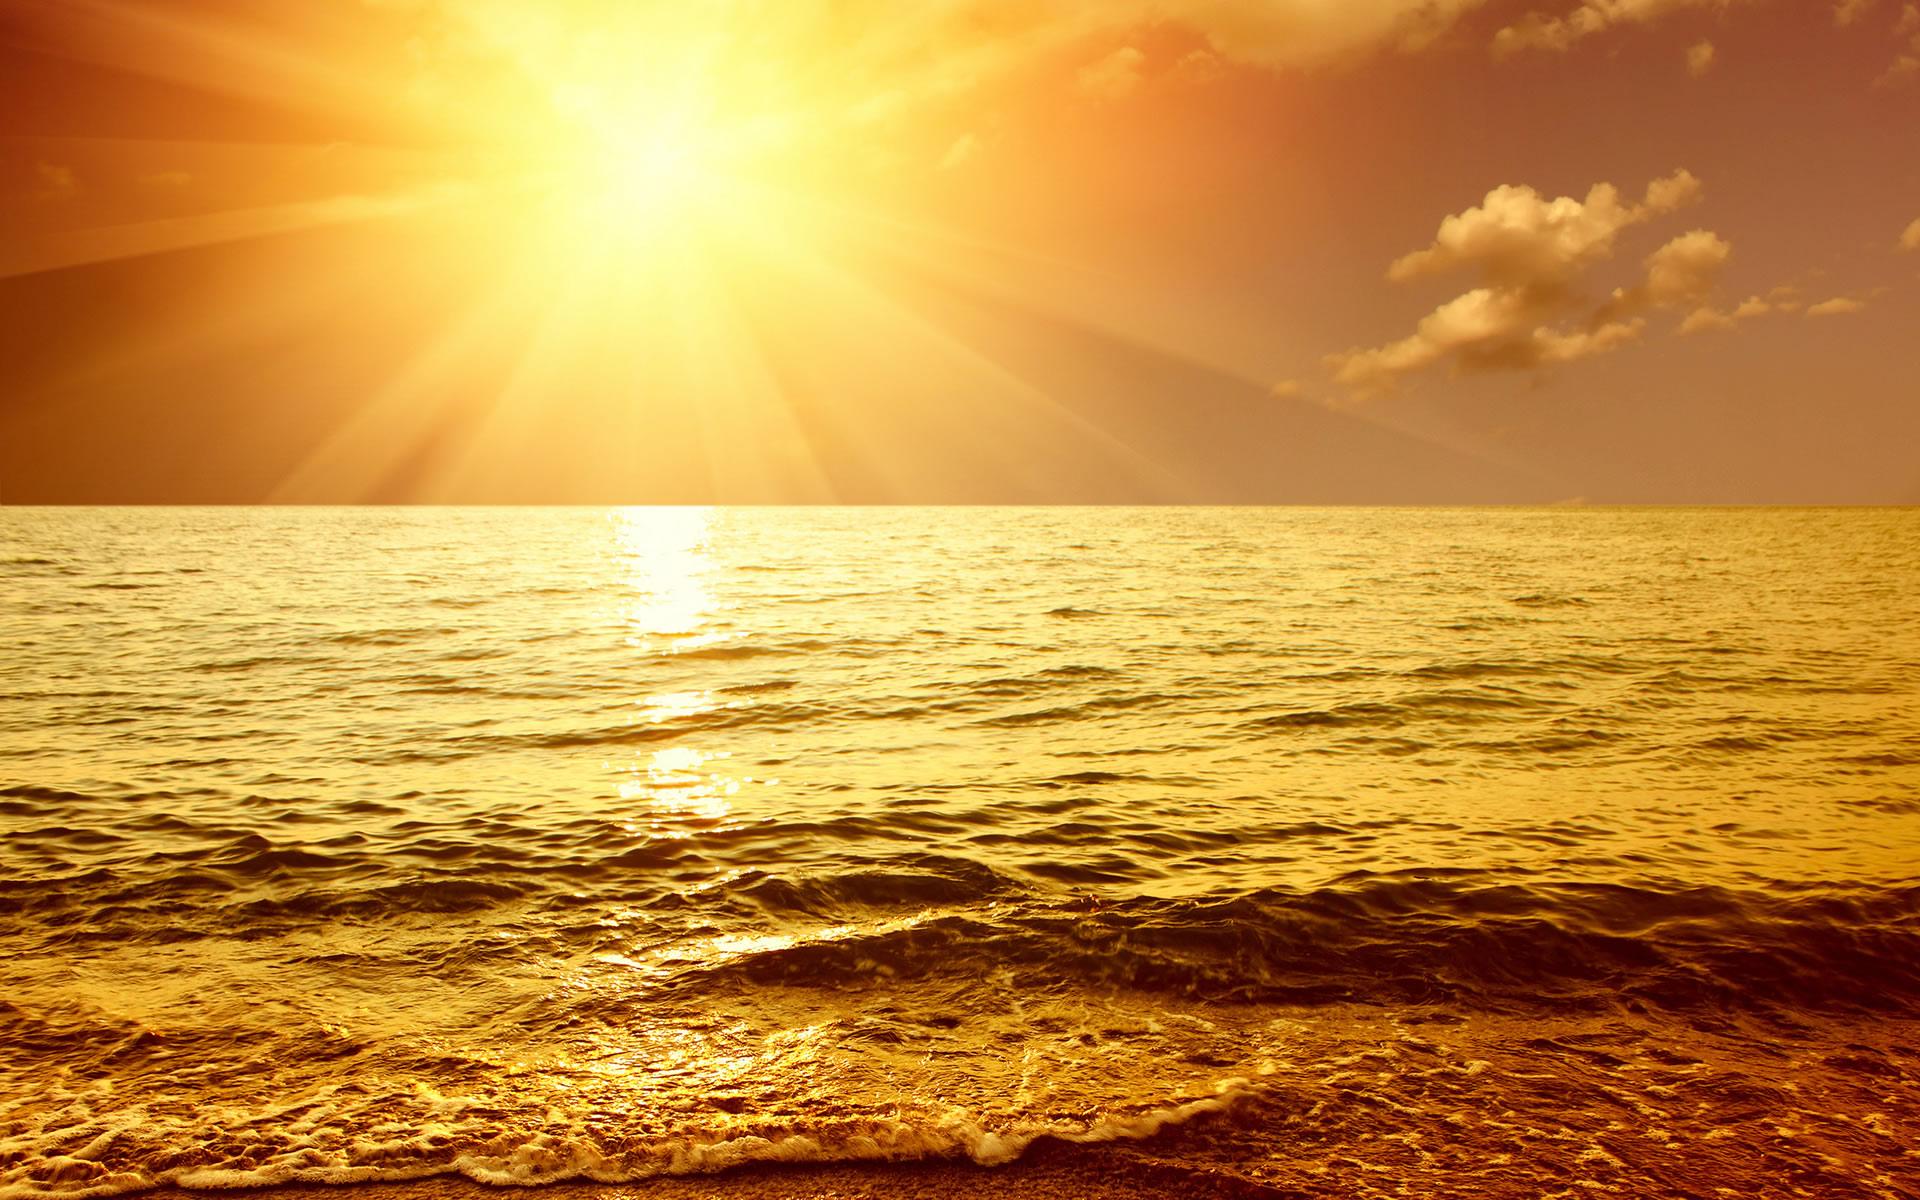 Breathtaking_beach_view